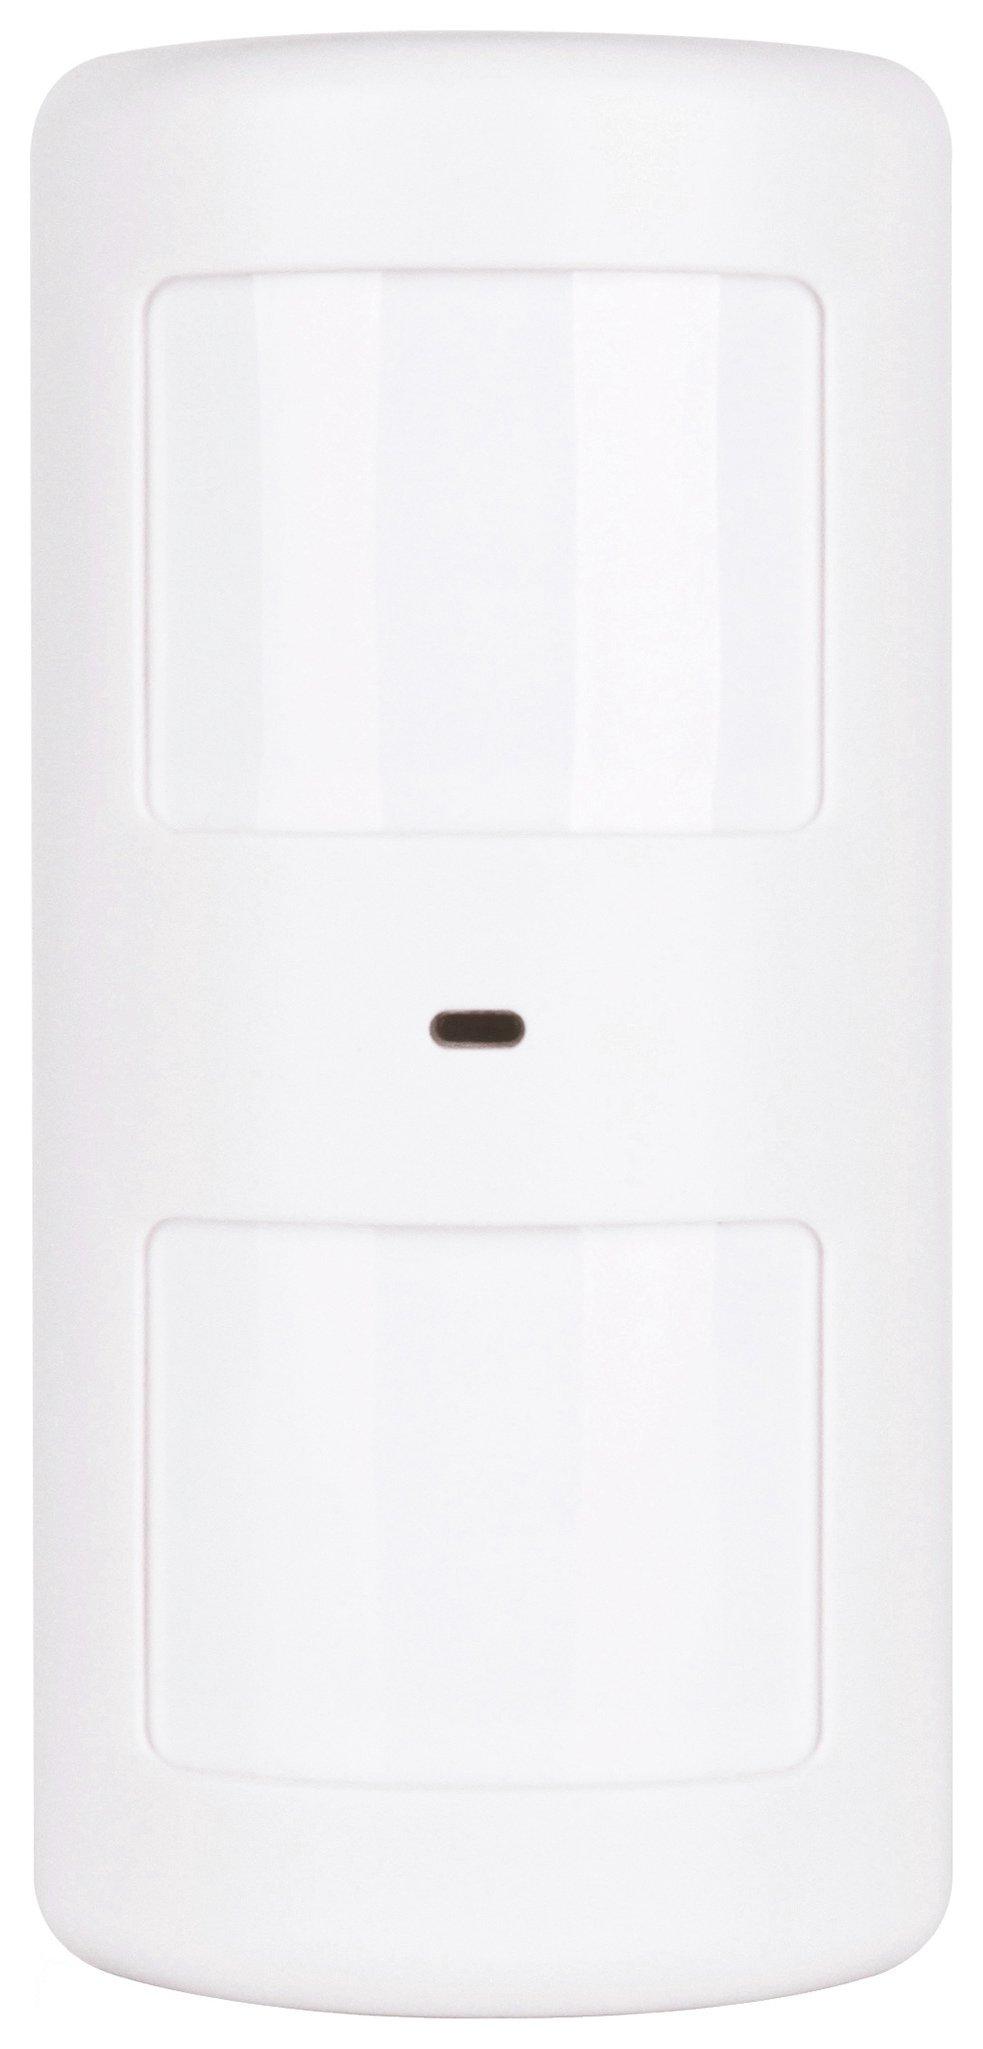 mi-guard-wireless-pet-friendly-pir-sensor